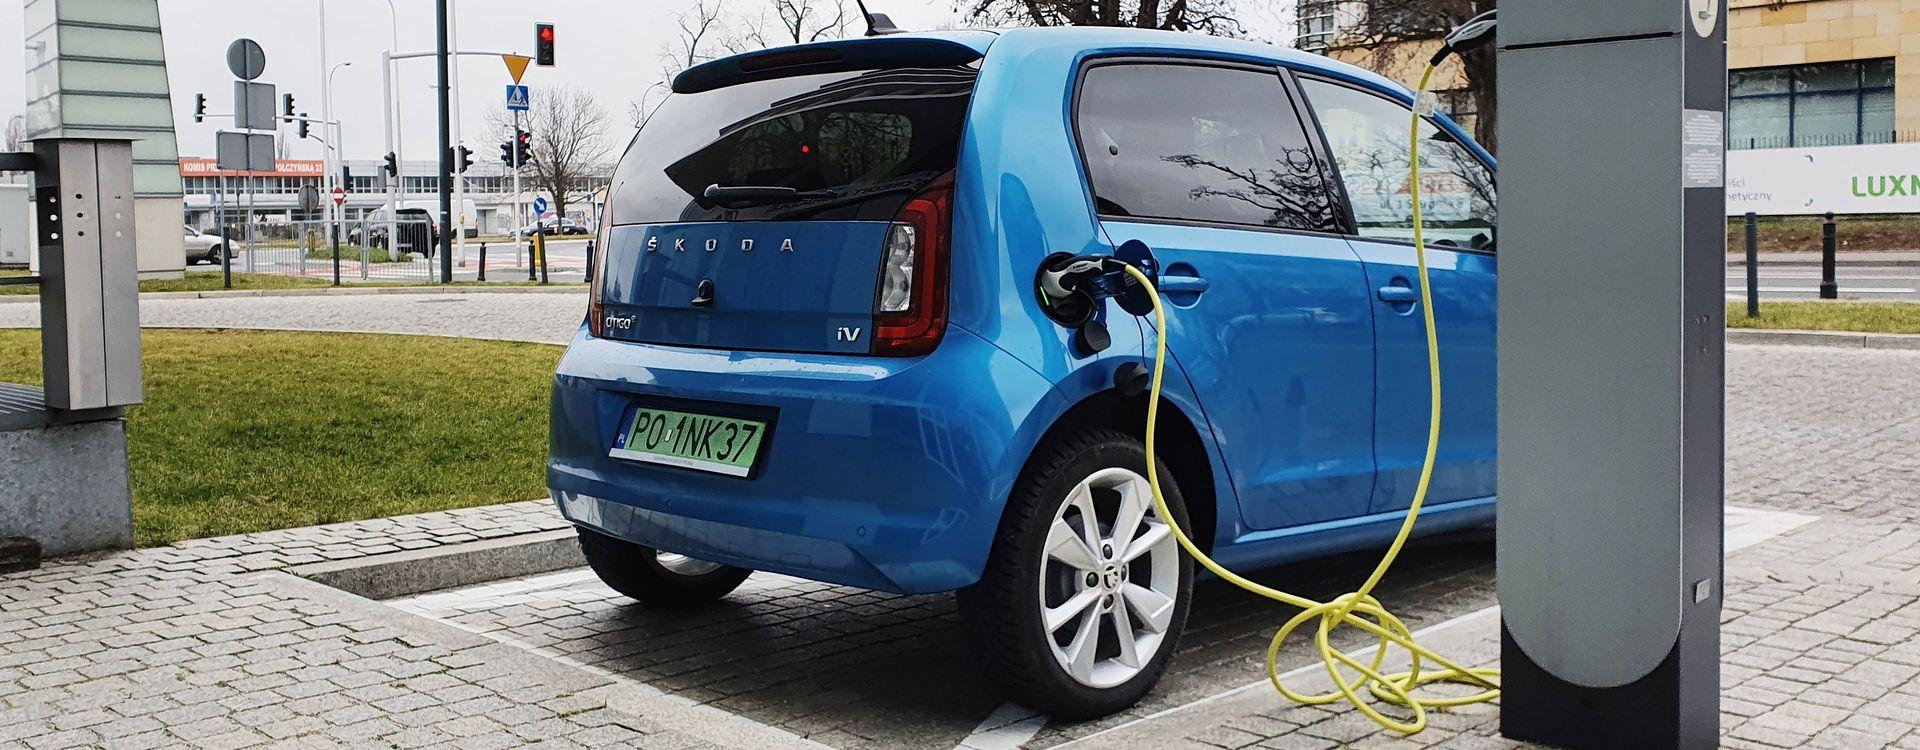 Elektryczna Škoda Citigo e IV, czyli najtańszy samochód na prąd w Polsce, jest już w salonach, ale wielu klientów będzie czekać na dopłaty